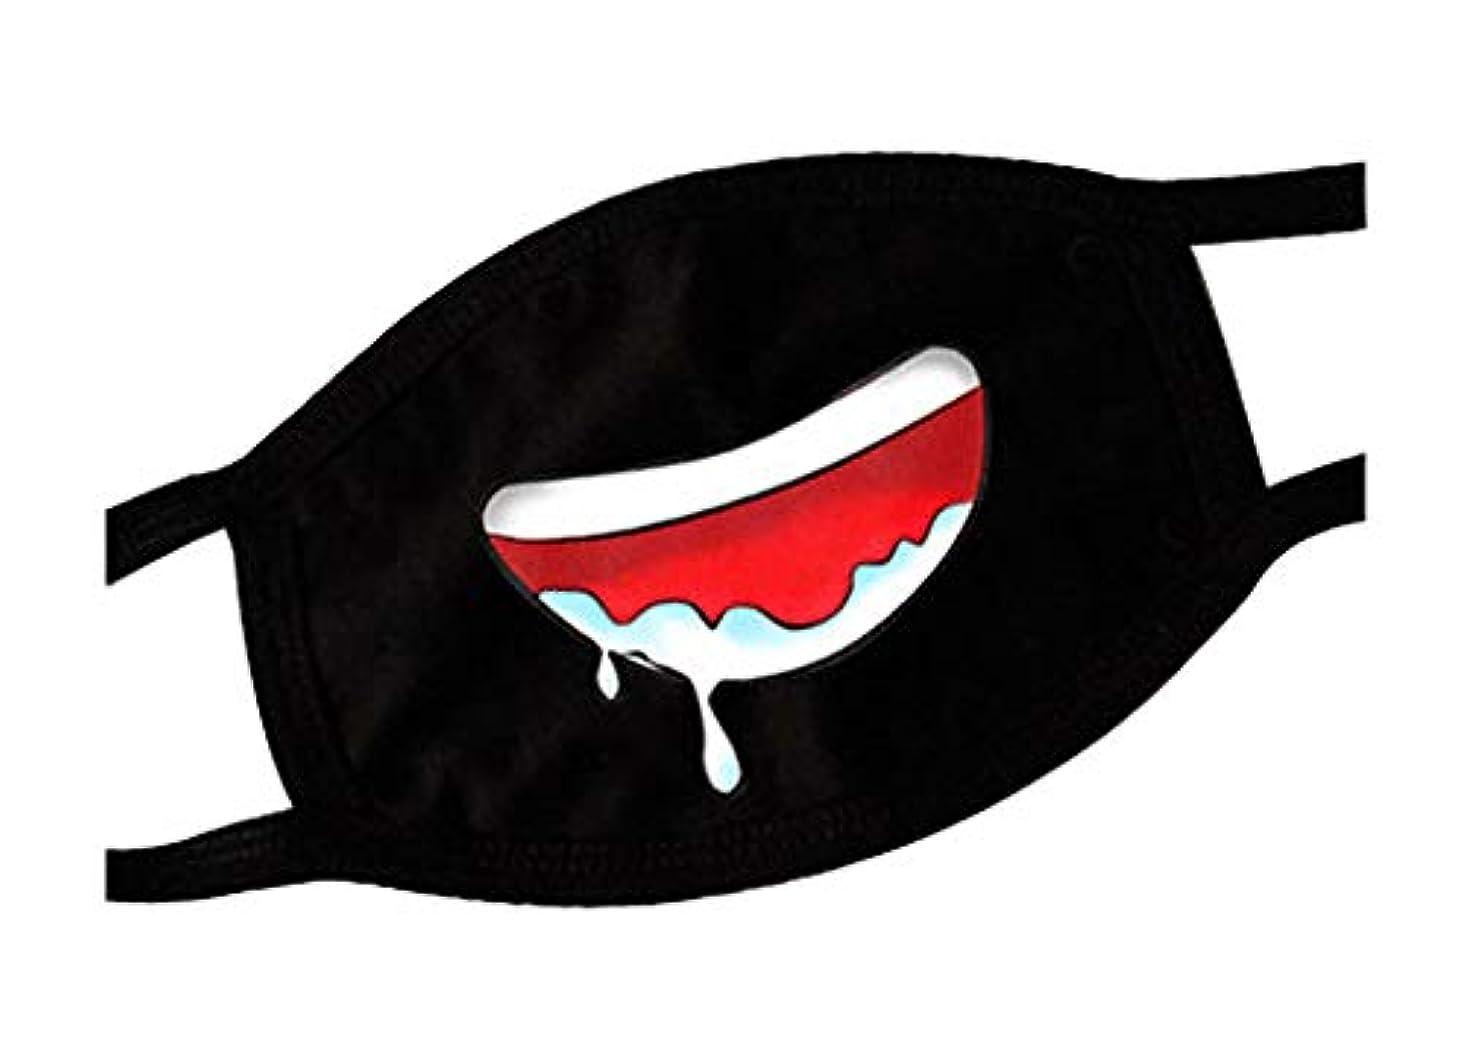 ブレス慣れている植物のブラック面白い口のマスク、十代のかわいいユニセックスの顔の口のマスク、F2